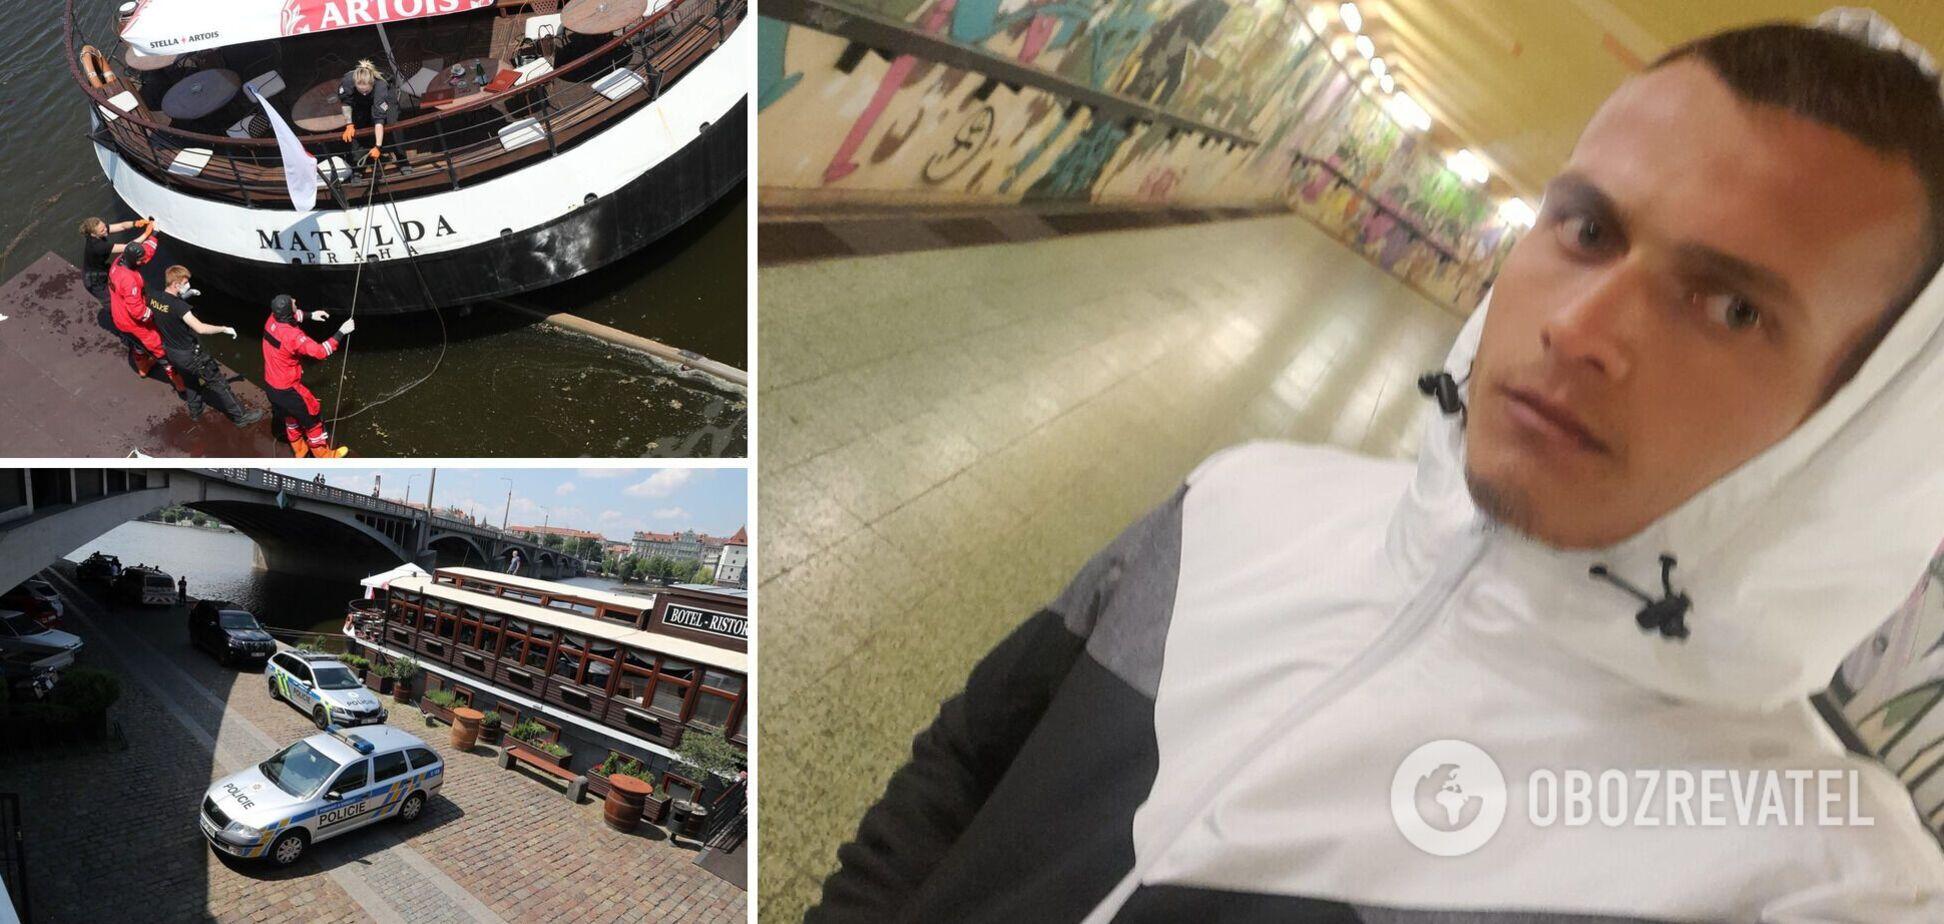 На тілі були сліди побоїв? У Чехії в річці знайшли 19-річного українця: подробиці трагедії